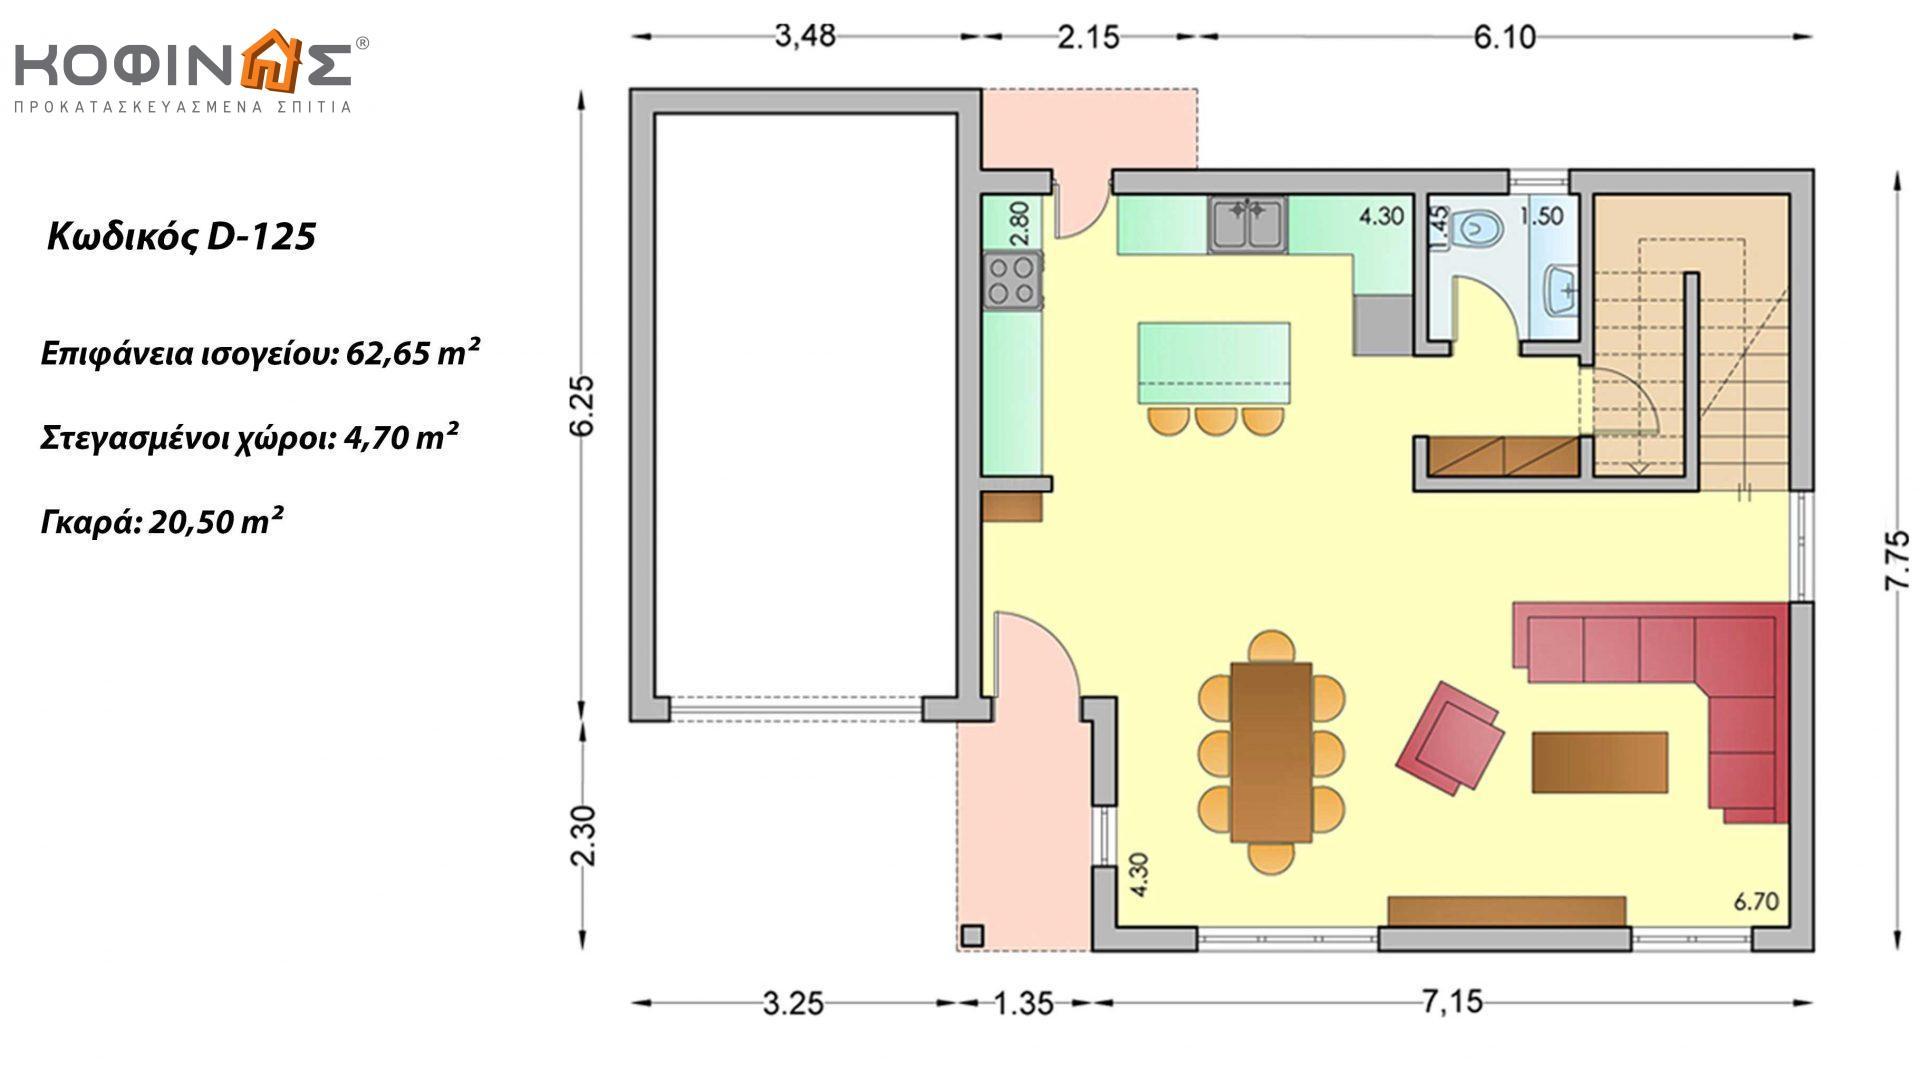 Διώροφη Κατοικία D-125, συνολικής επιφάνειας 125,30 τ.μ., +Γκαράζ 20.50 m²(=145.80 m²),συνολική επιφάνεια στεγασμένων χώρων 4.70 τ.μ., μπαλκόνια 20.50 τ.μ.